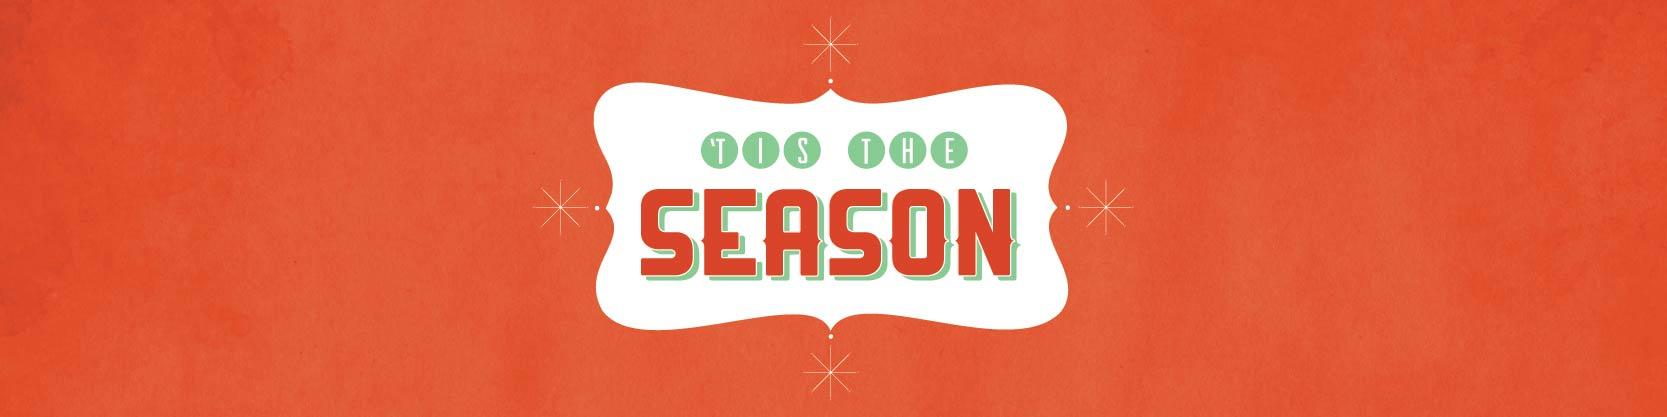 'Tis The Season Image